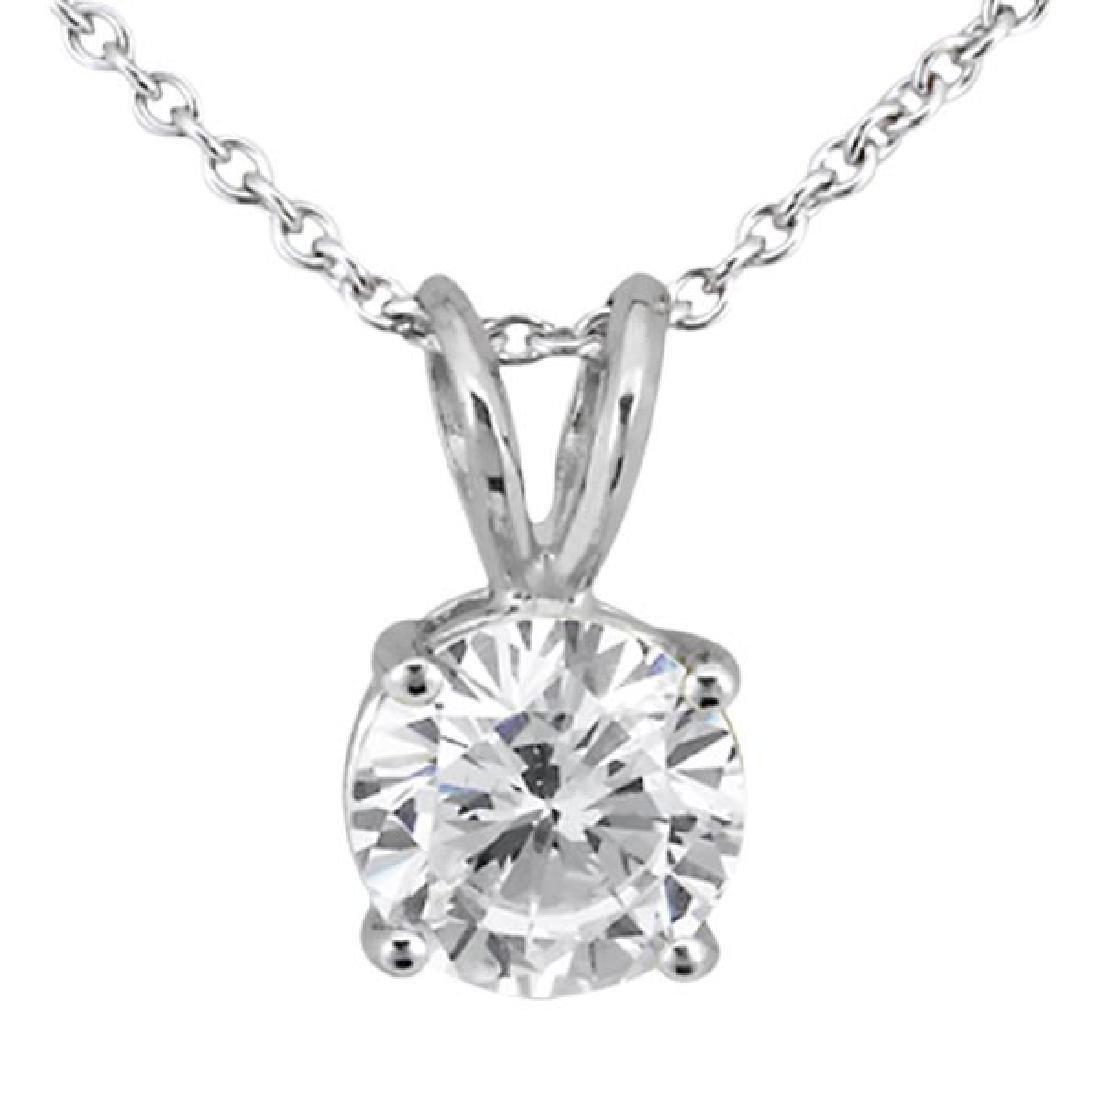 1.00ct. Round Diamond Solitaire Pendant in Platinum (H